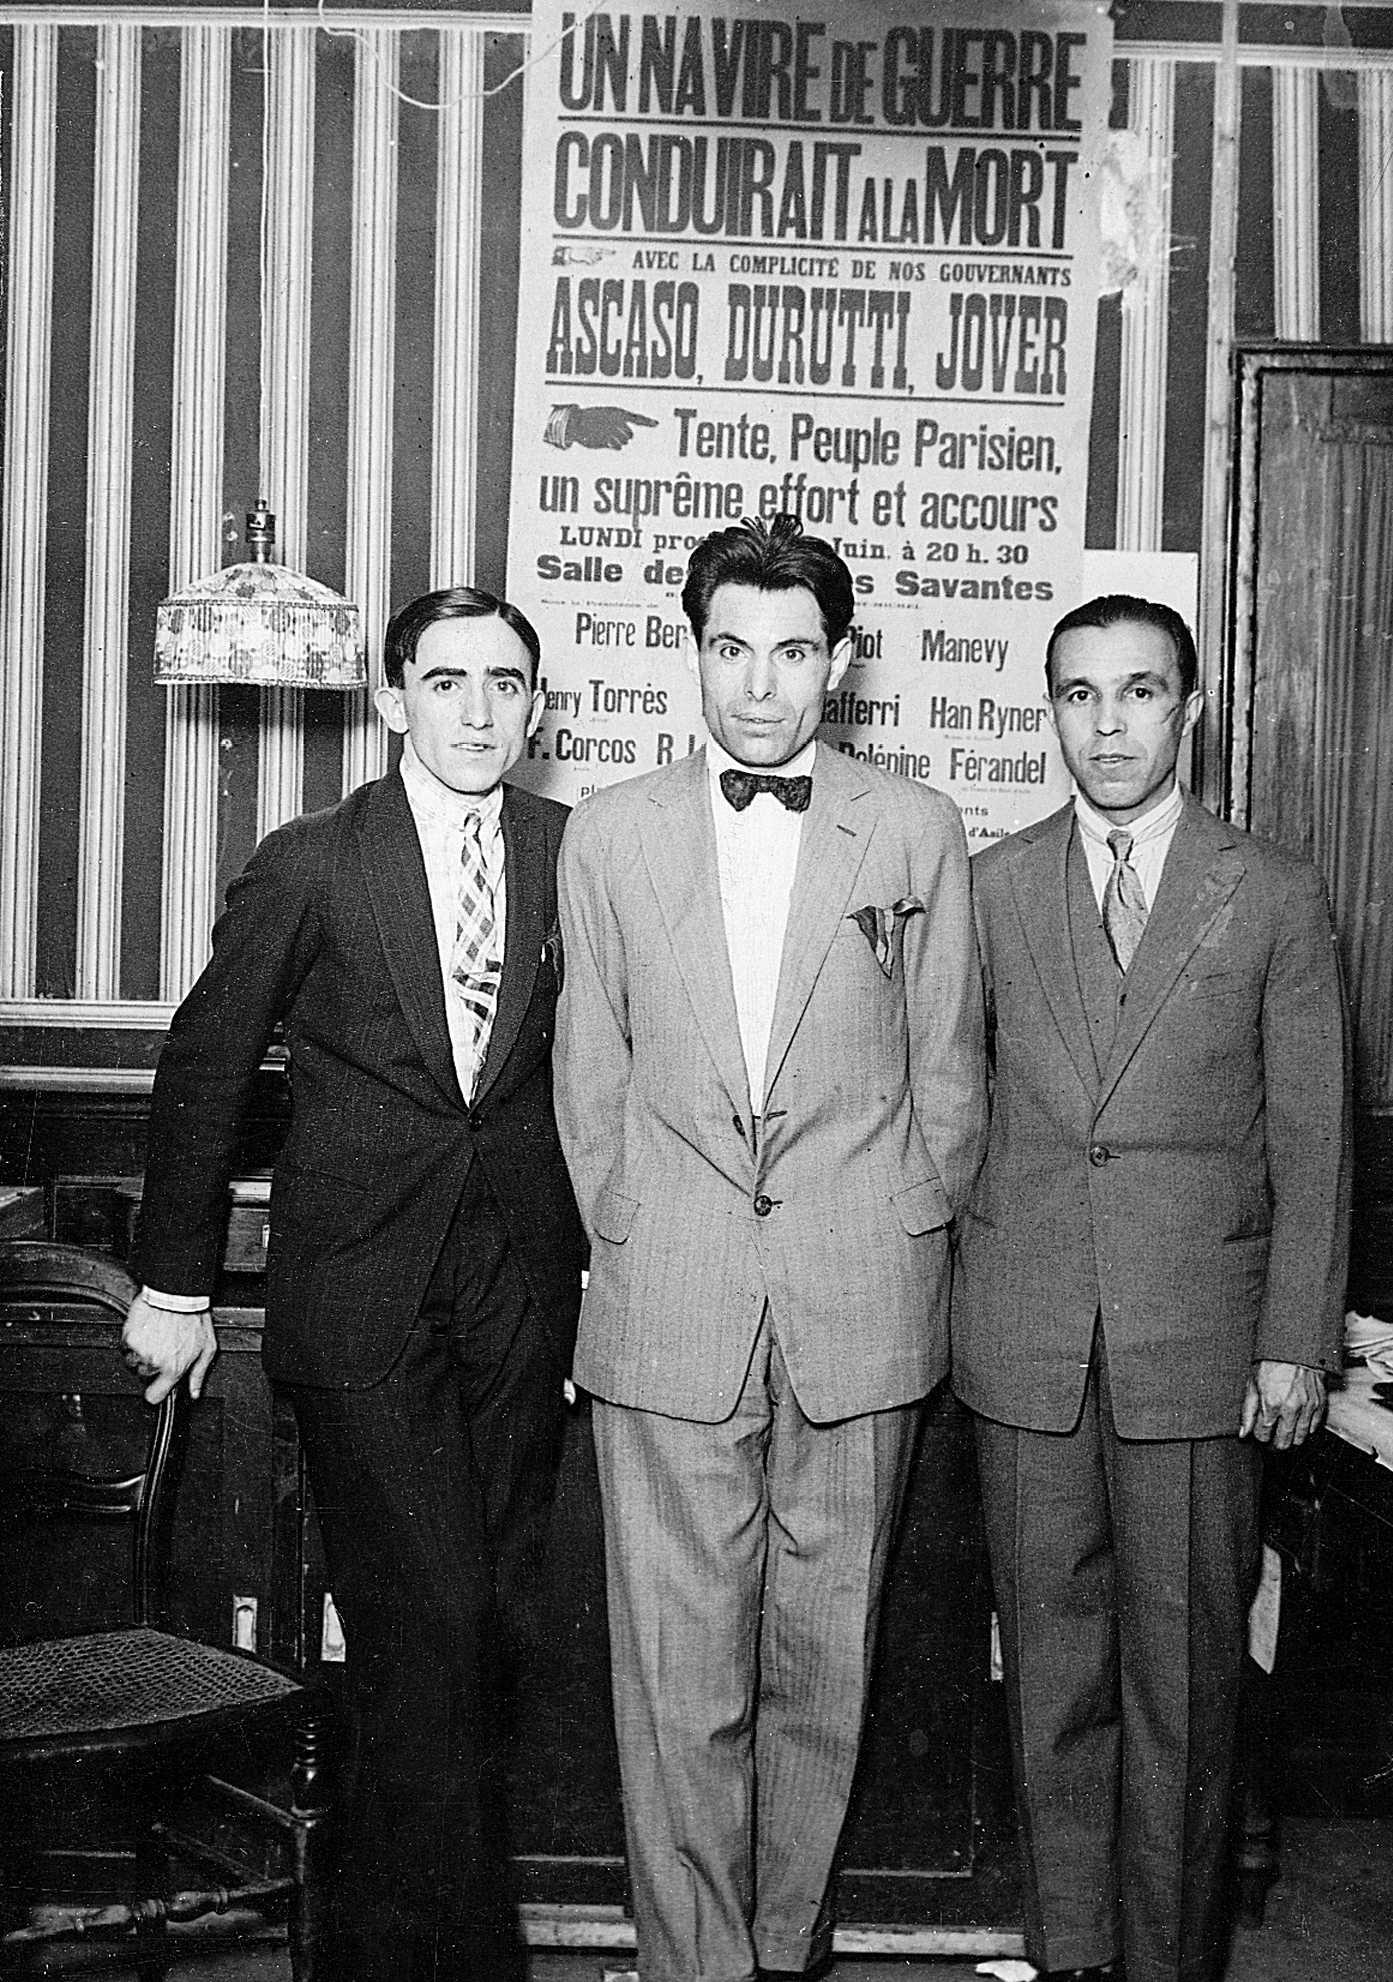 """Ascaso, Durruti i Jover a la redacció de """"Le Libertaire"""", pocs dies després de sortir de la presó (París, juliol 1927)"""